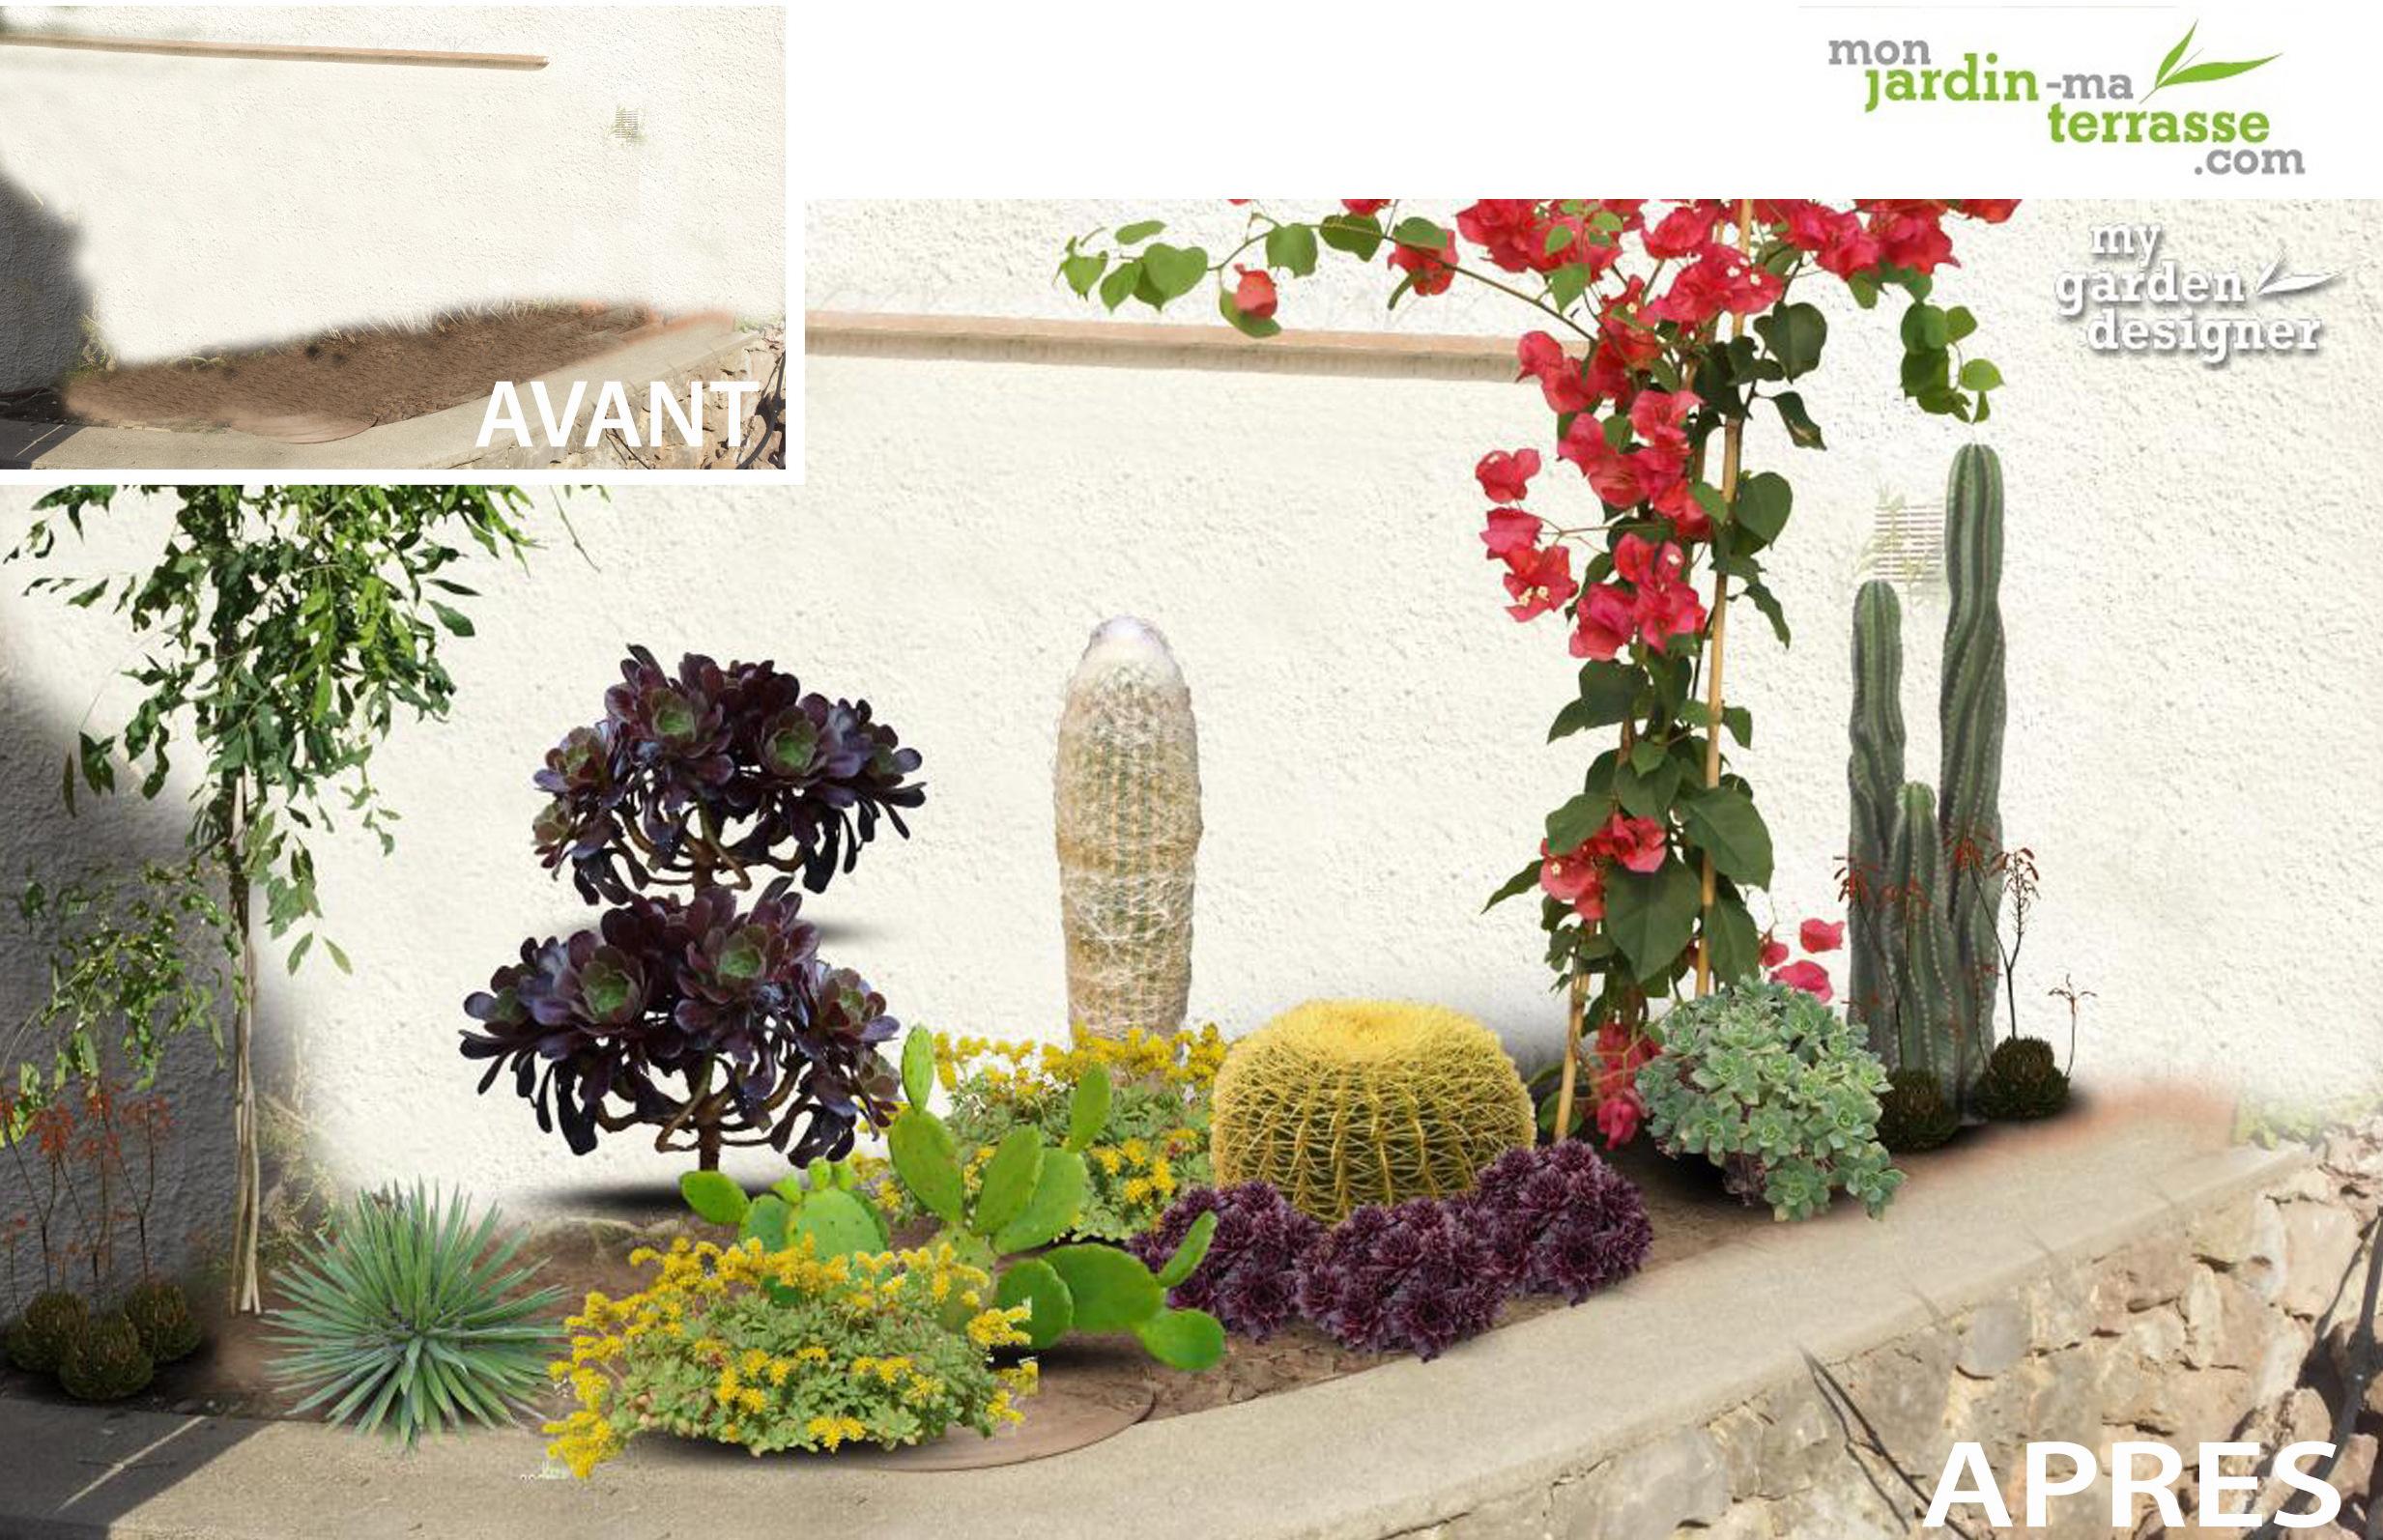 cr er une jardini re de plantes exotiques monjardin. Black Bedroom Furniture Sets. Home Design Ideas